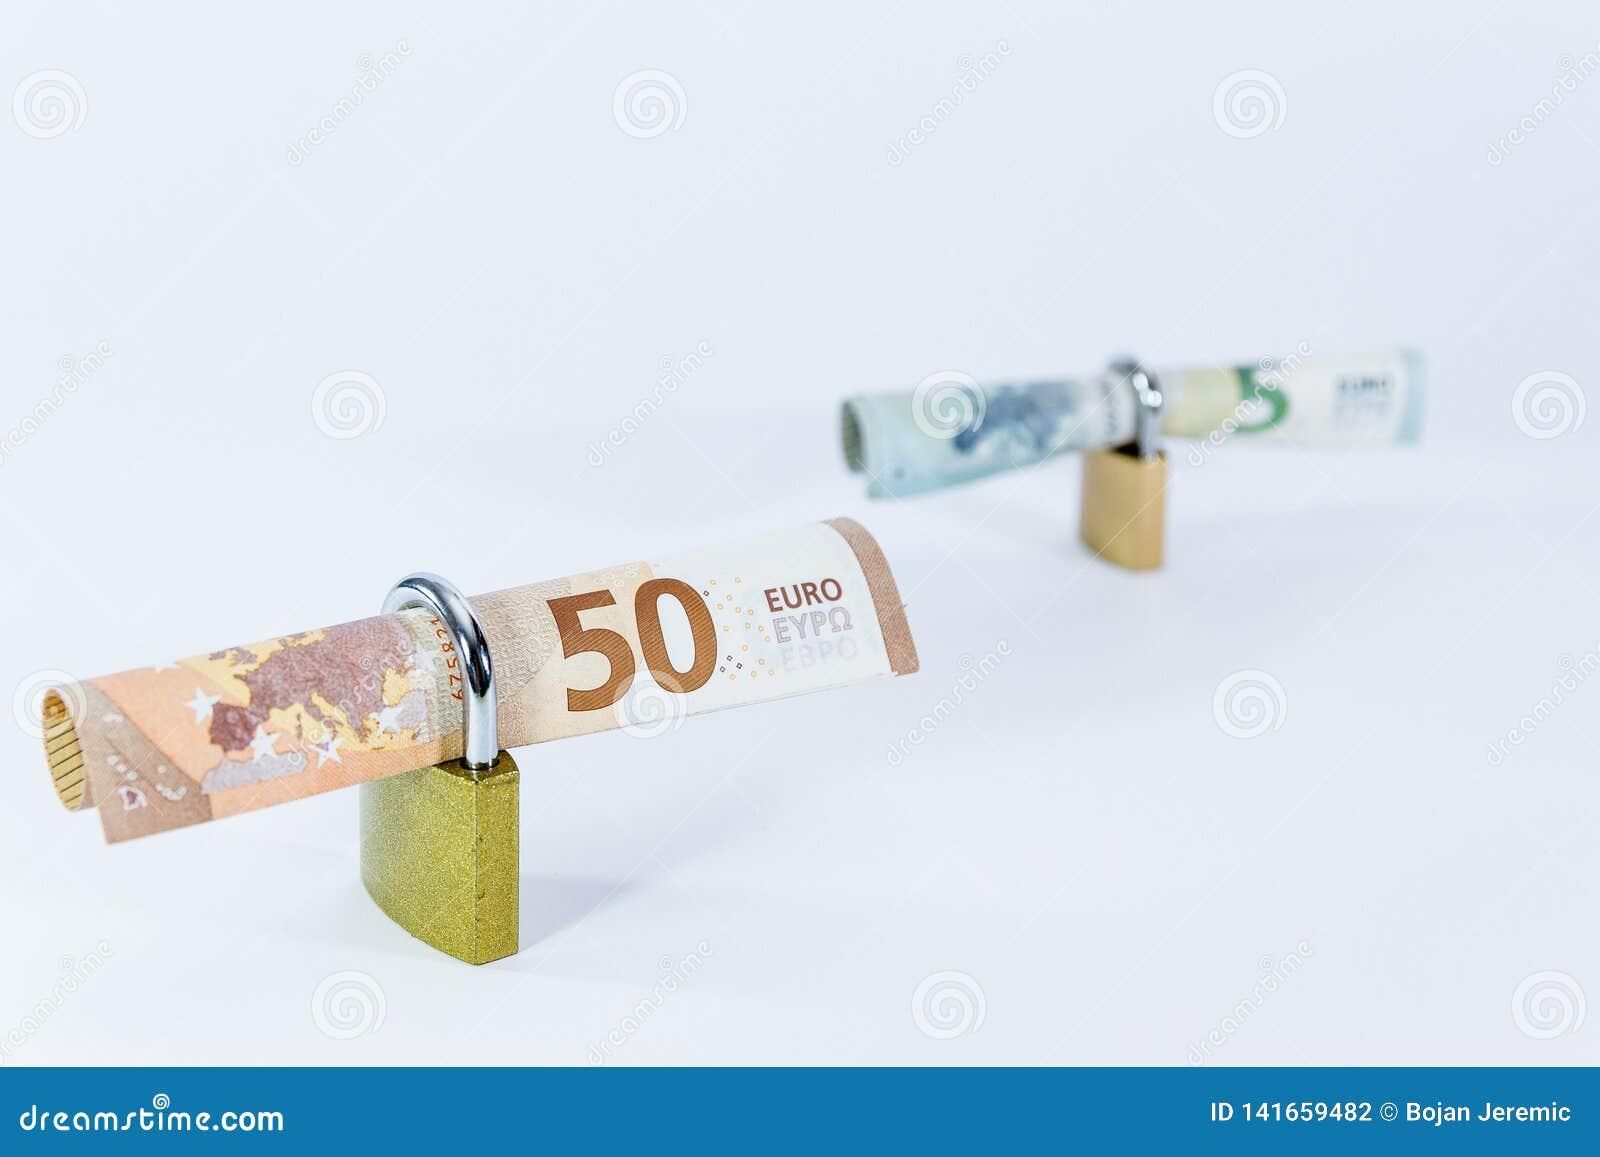 Bankbiljetten van de geld de Euro waarde met hangslot, Europese Unie betalingssysteem